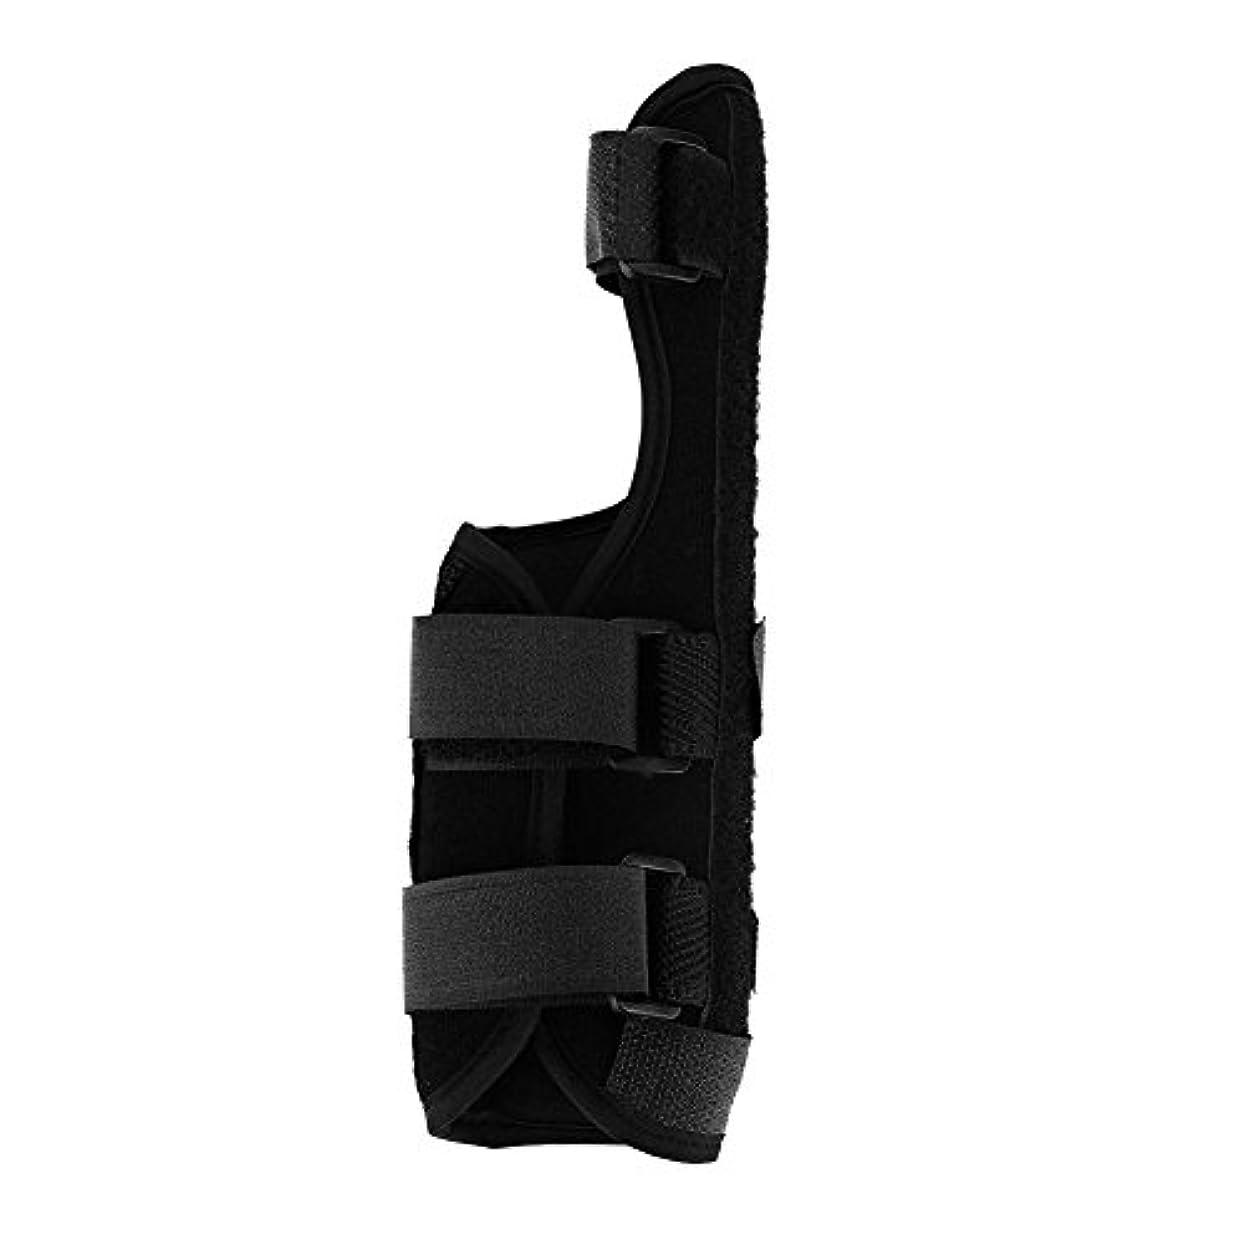 起こりやすい期限熟達高度な手首ブレース - 手根管手首副子。手根管症候群、手首の痛み、捻挫、RSI、関節炎の即時鎮痛に最適(IzquierdaL)